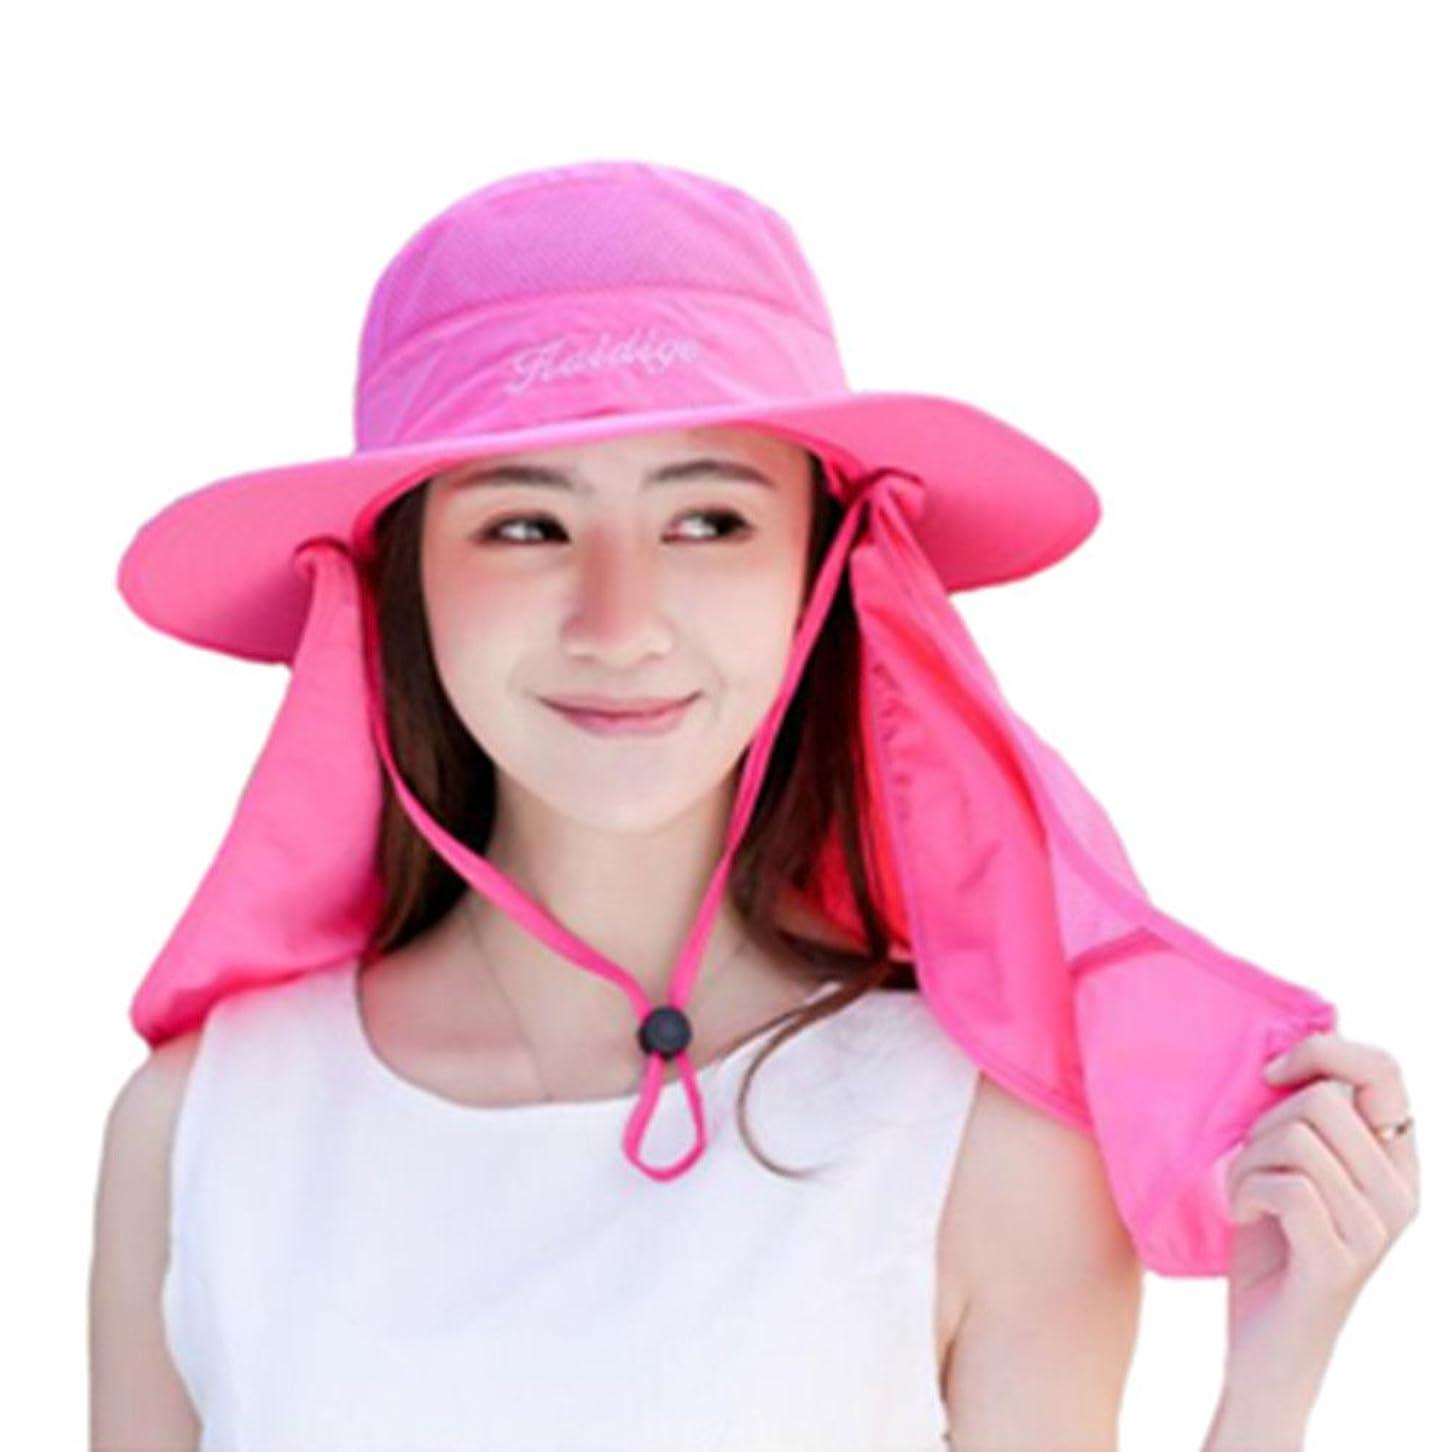 学者磁器依存ファションヤ UVカット日よけ帽子 アウトドア つば広 日焼け防止に 紫外線対策 ネックカバー レディース フェイスカバー アームカバー レディース フィッシングハット